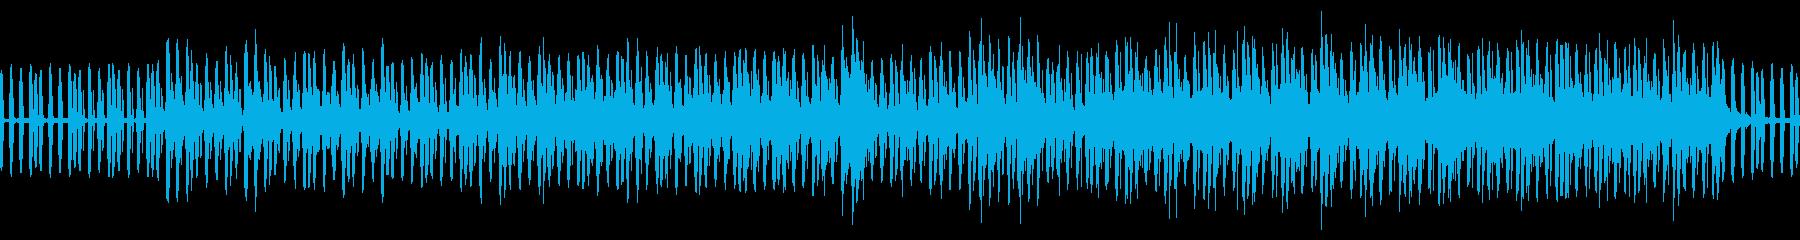 人工的な淡々とした印象のポップスの再生済みの波形